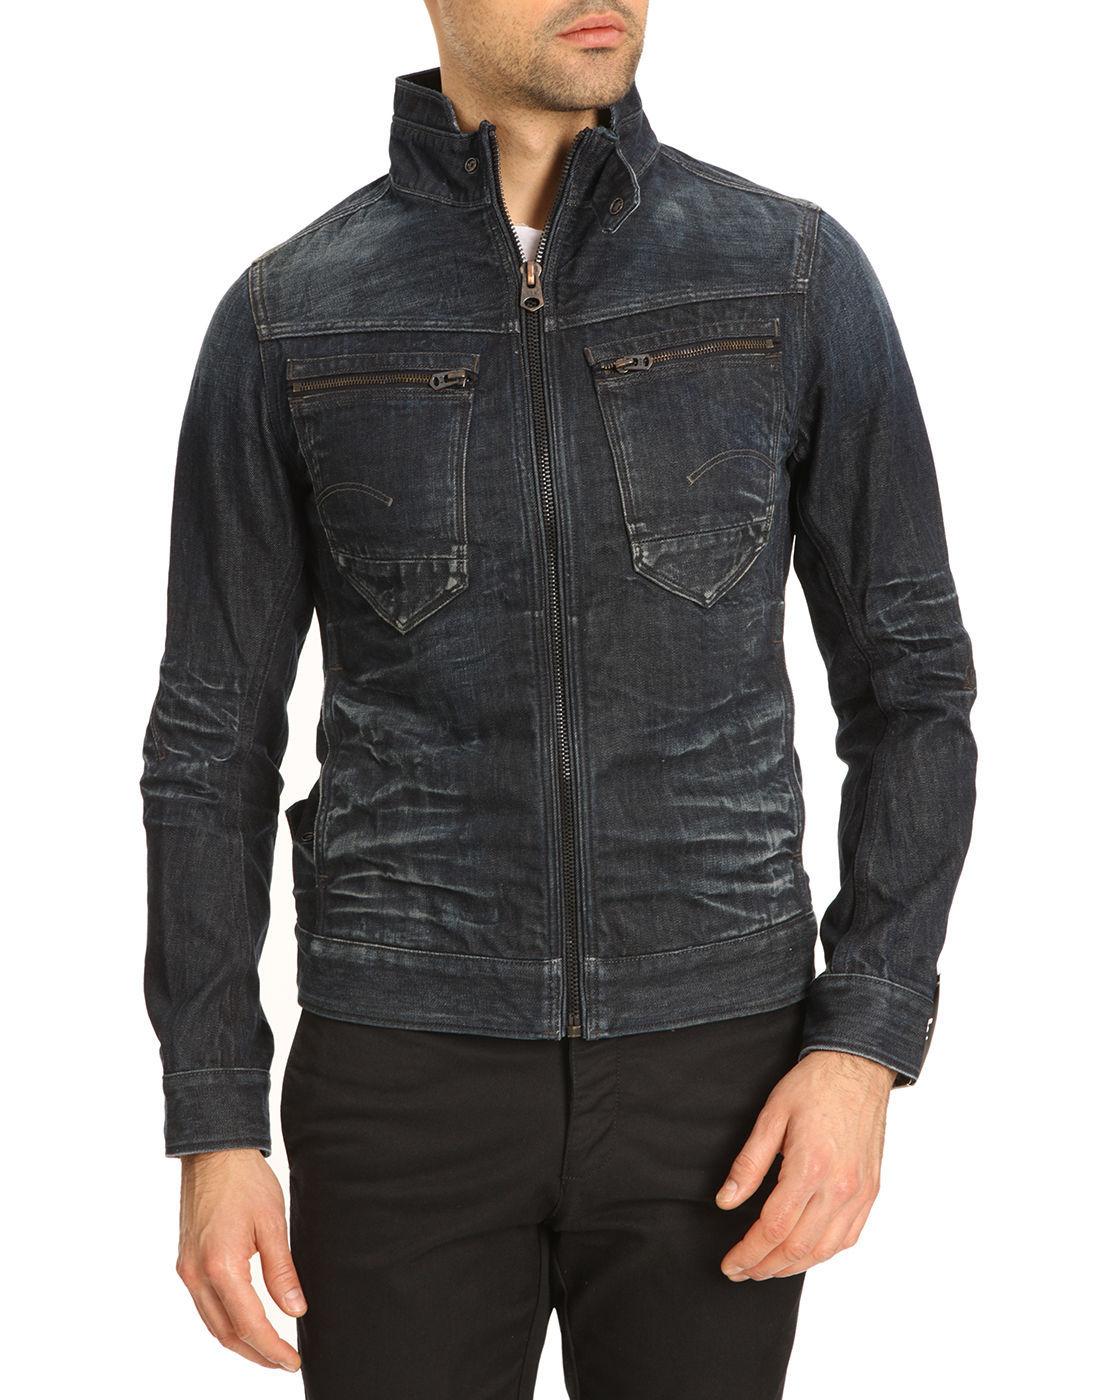 g star raw arc zip 3d slim denim jacket in blue for men denim lyst. Black Bedroom Furniture Sets. Home Design Ideas